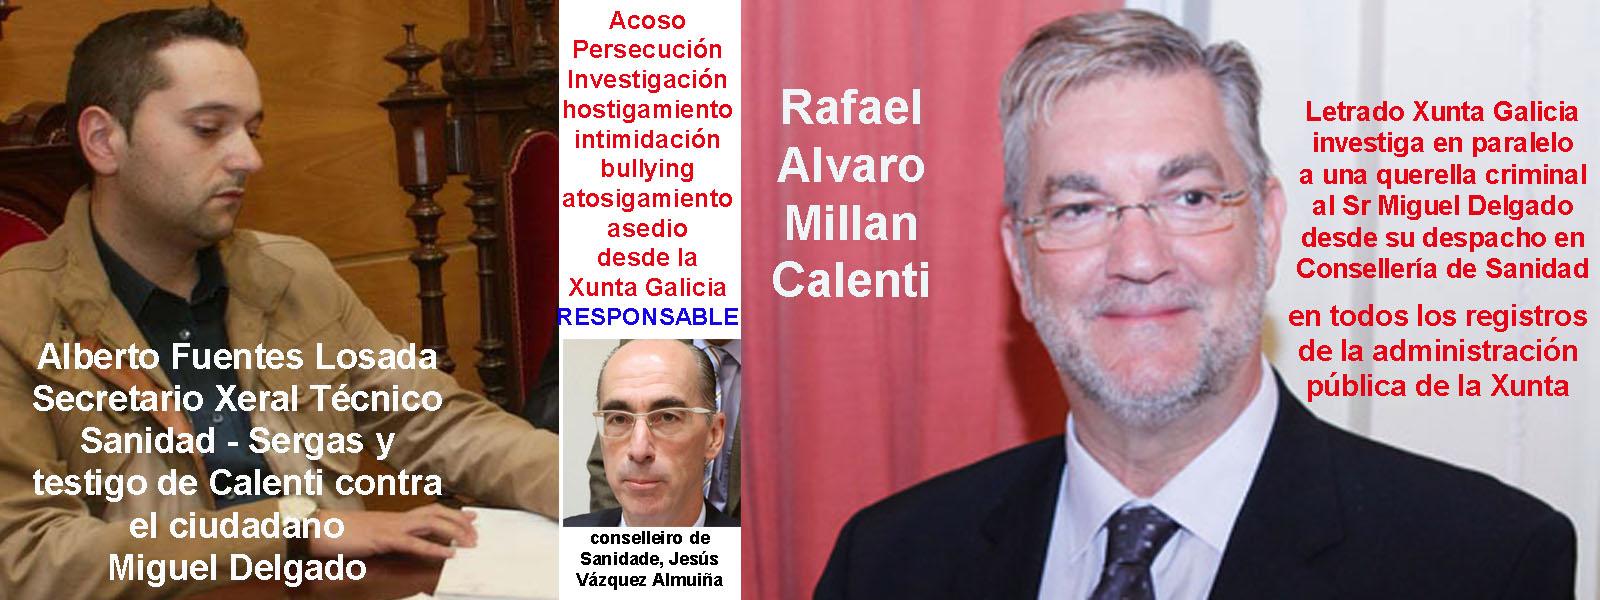 Alberto Fuentes Losada Secretario Xeral Tecnico de Sanidad se ...